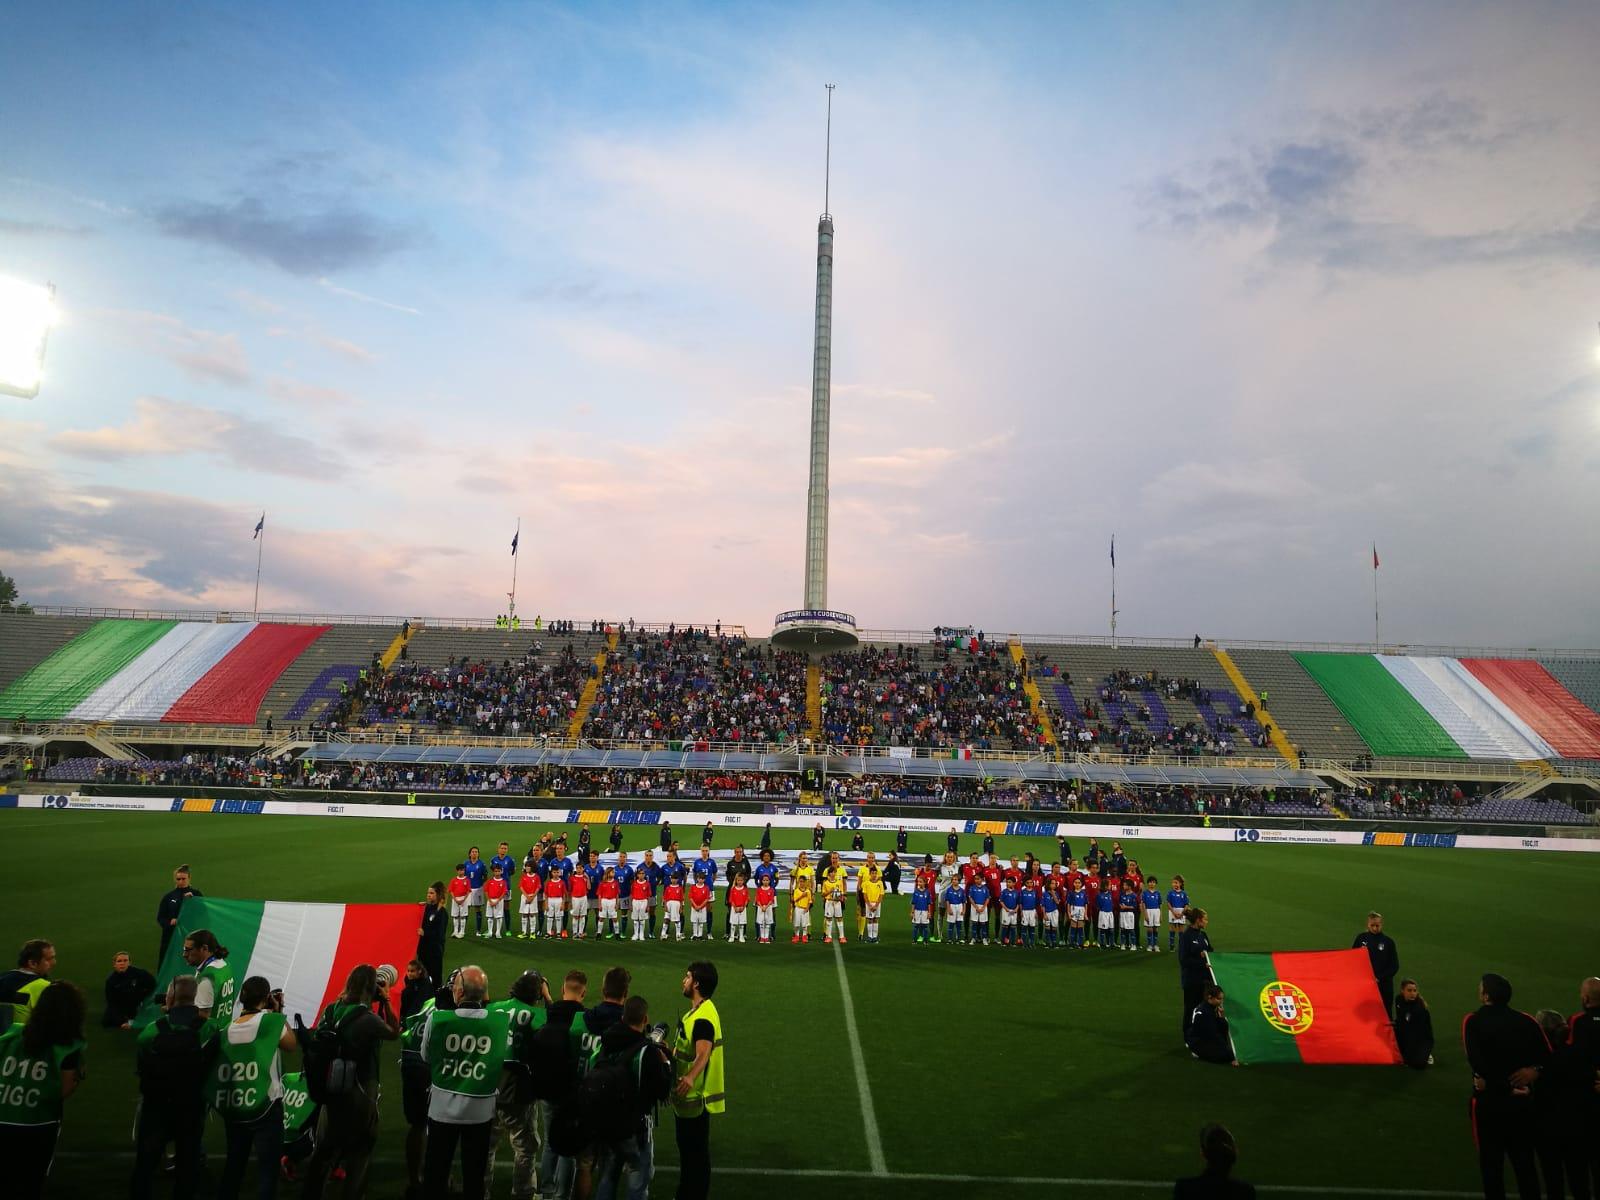 #FIFAWWC (Europe) - L'ESPAGNE et l'ITALIE premiers qualifiés européens pour la Coupe du Monde